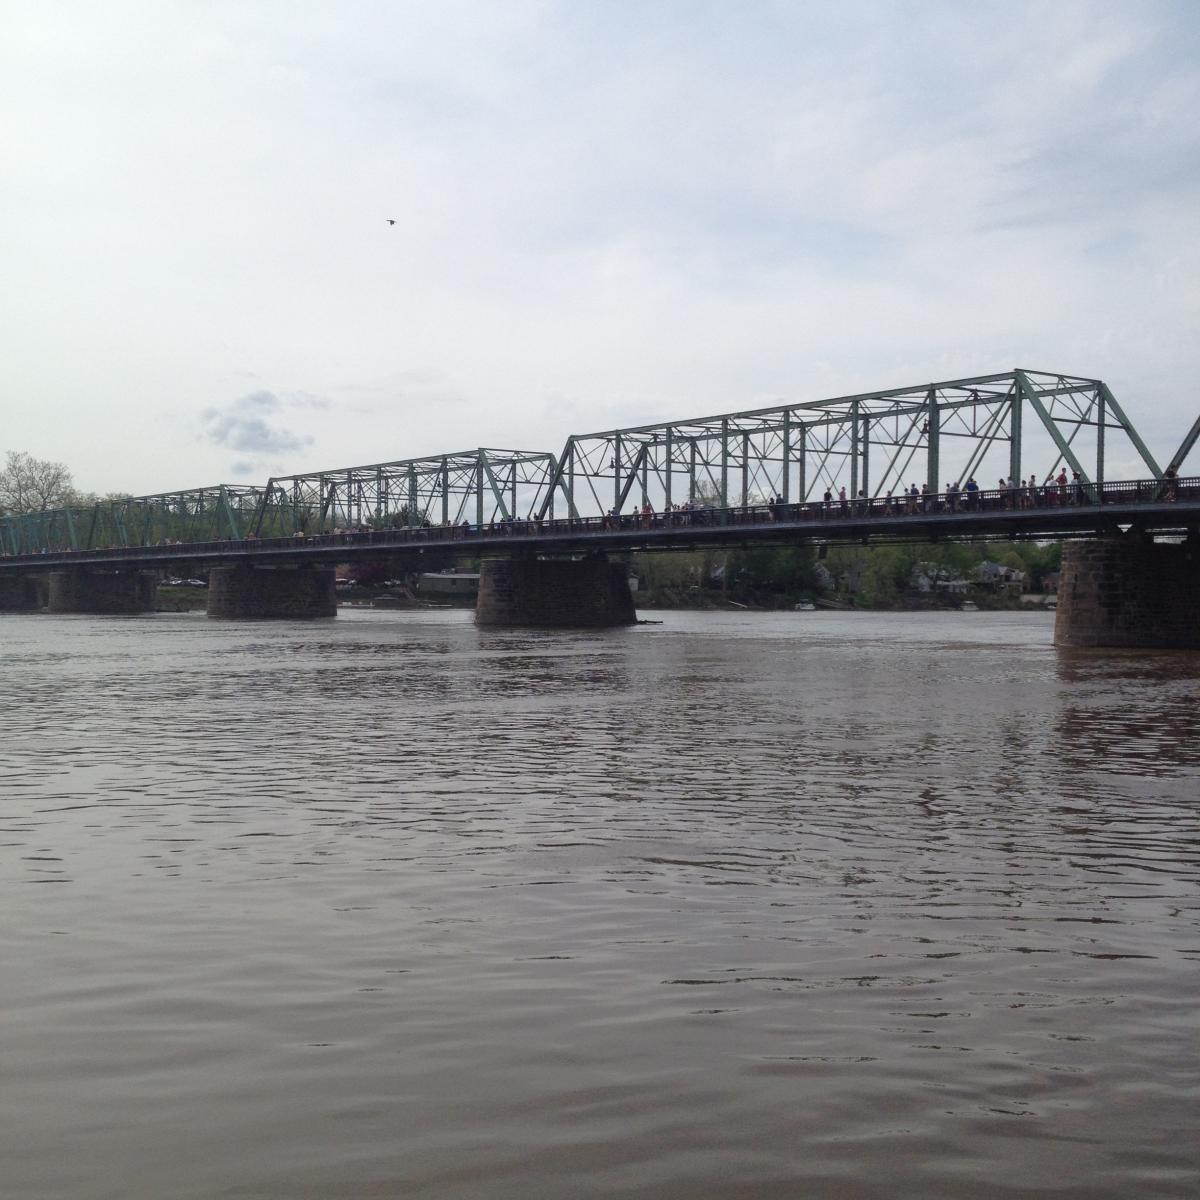 New Hope-Lambertville Bridge